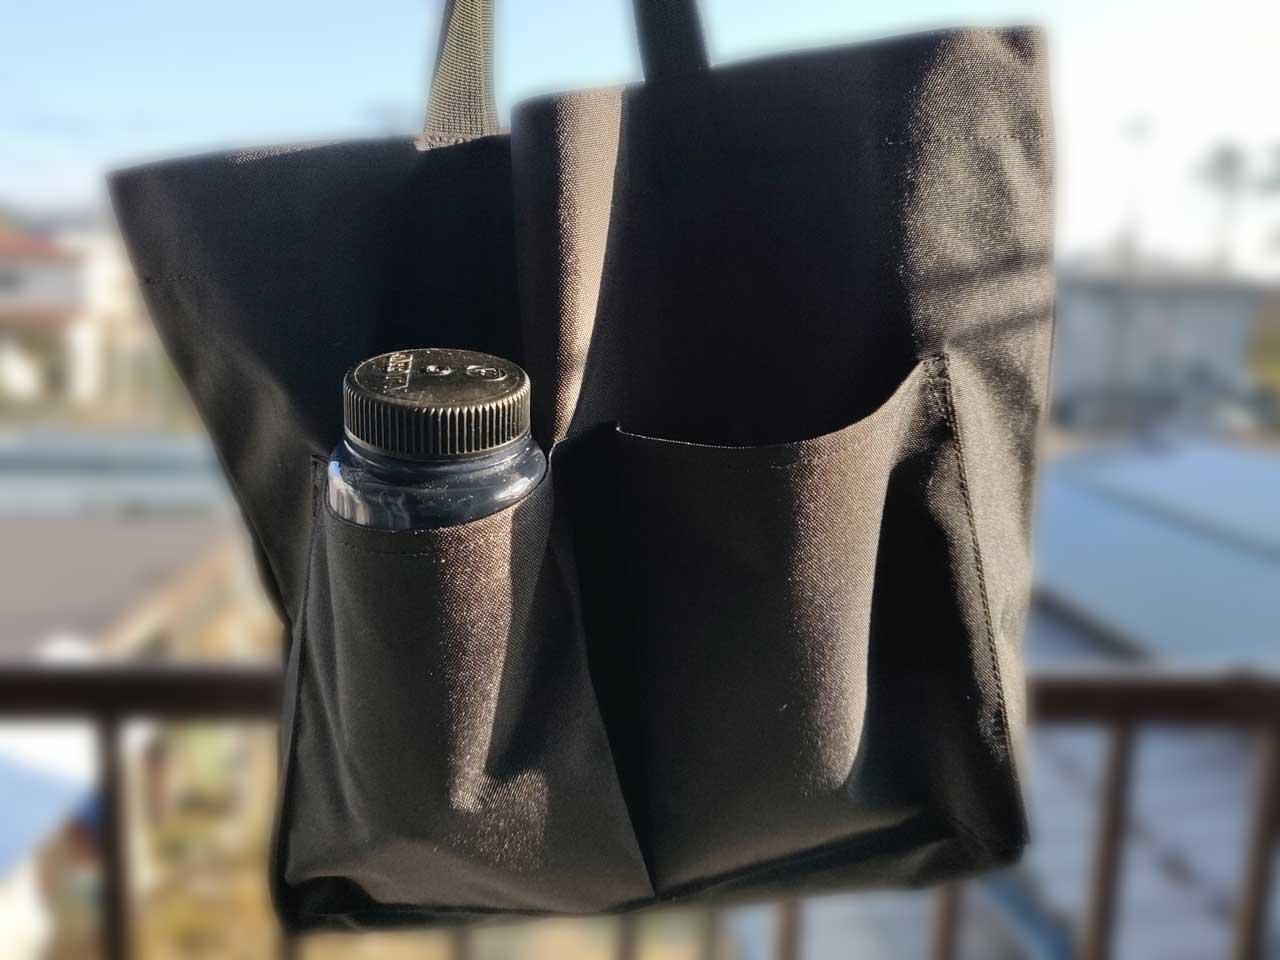 ナルゲン トライタンボトル広口0.5L イメージ